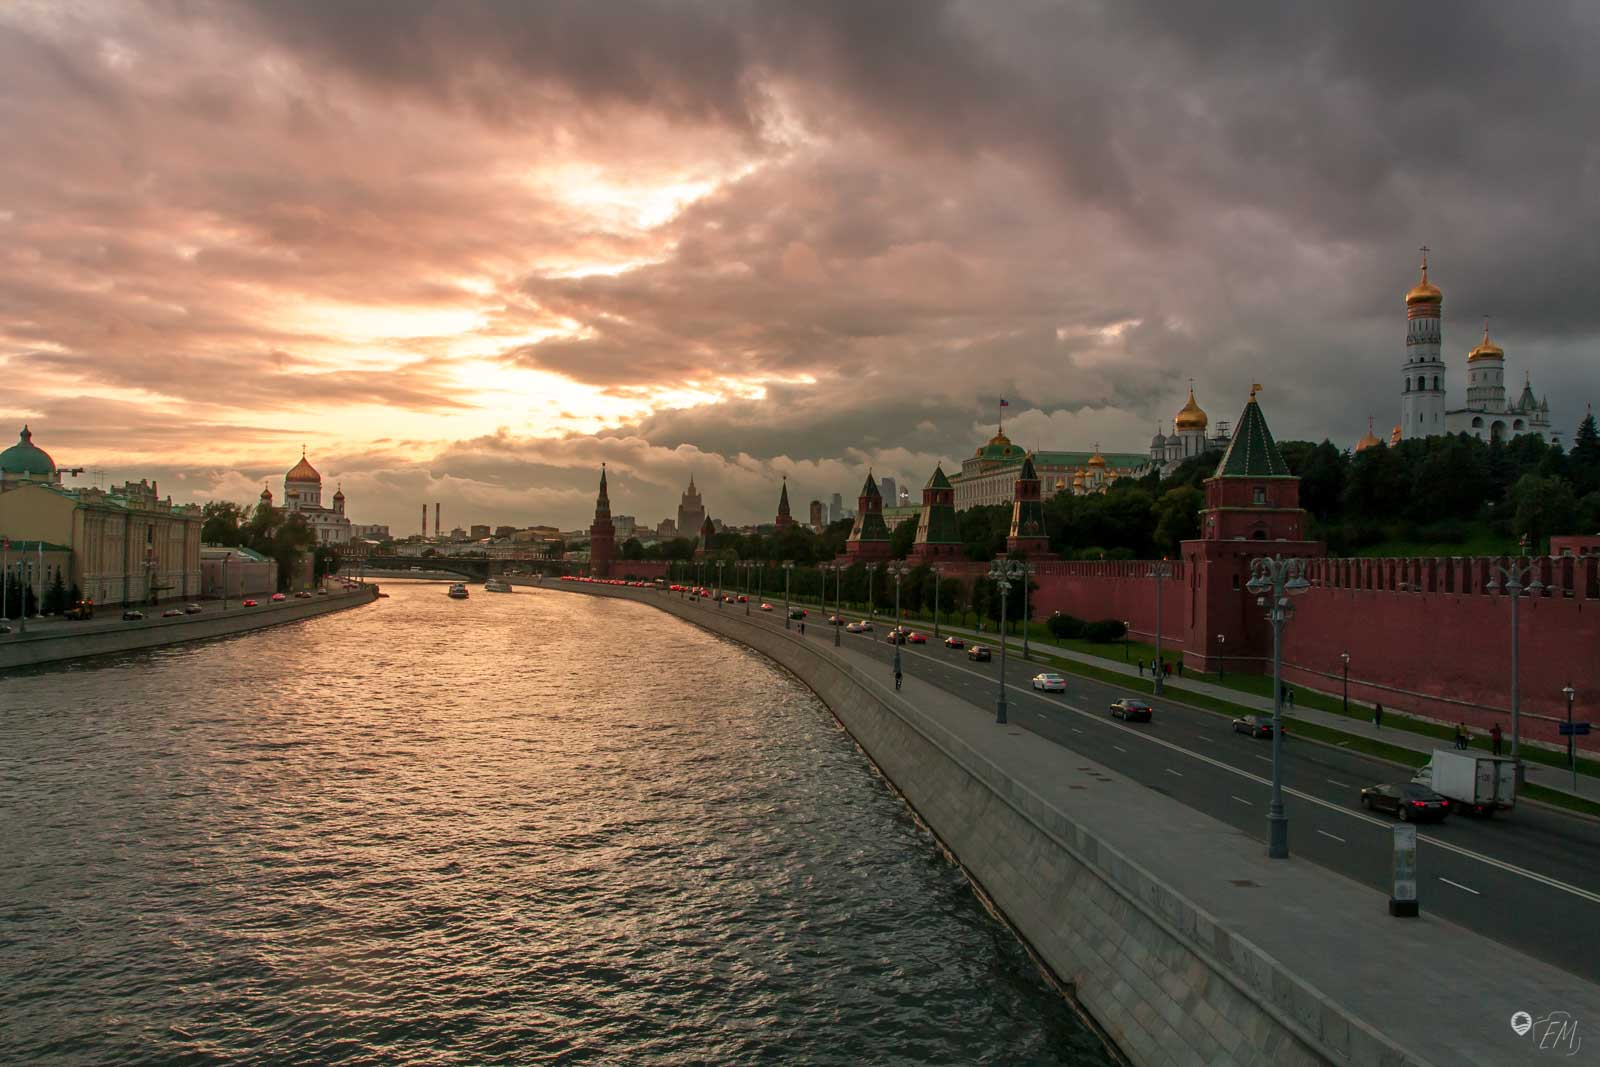 Der Sonnenuntergang von der Brücke vorm Kreml